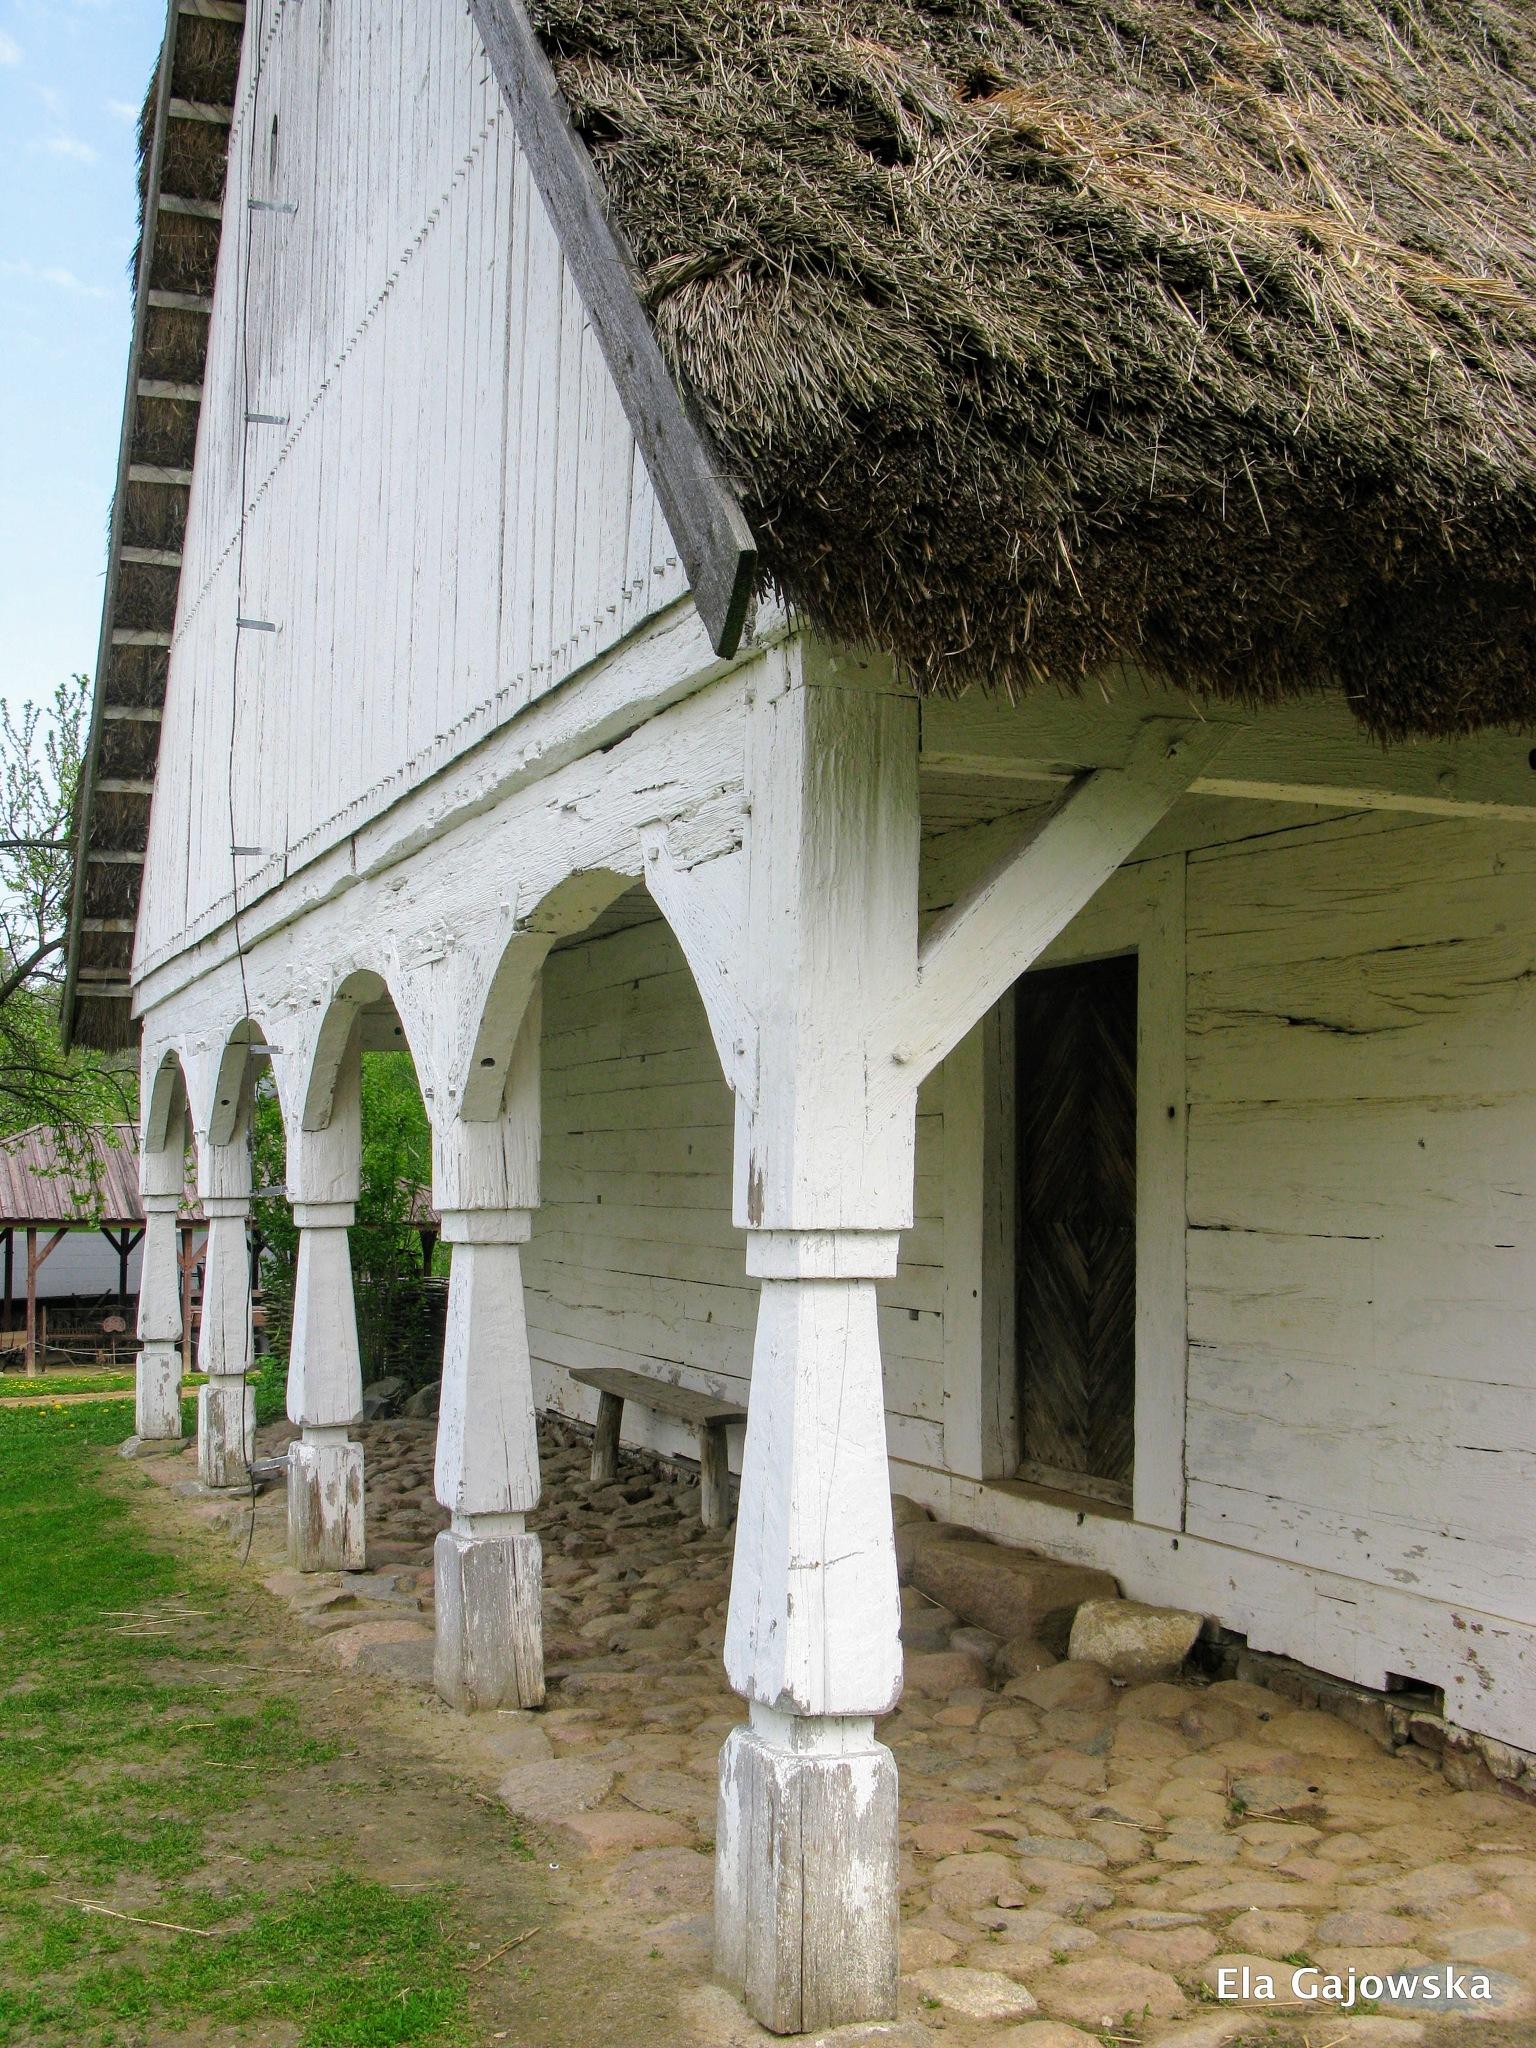 18th century farmhouse by Ela Gajowska